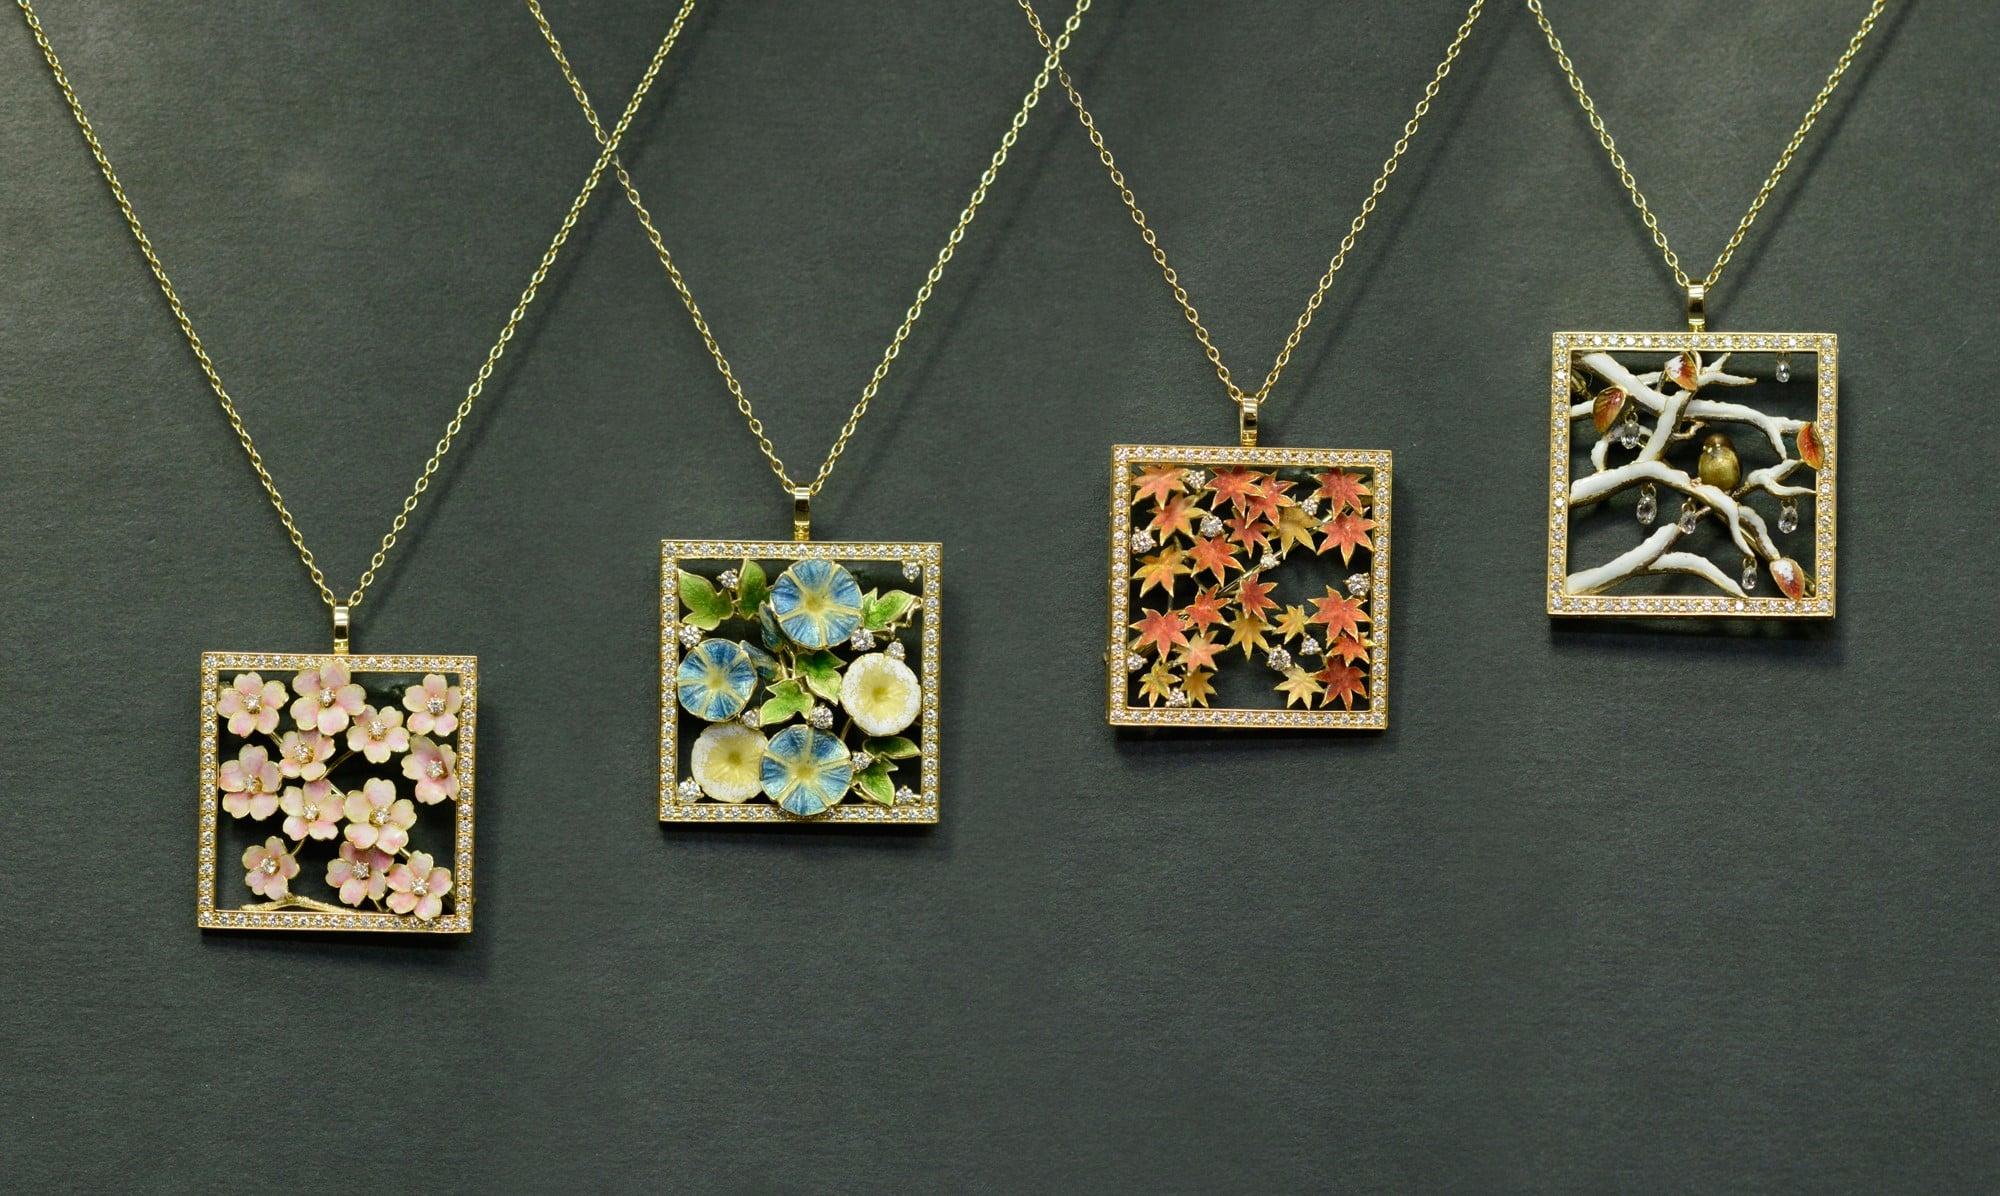 縦約2.7㎝のフレームの中に春夏秋冬の四季の彩りをエナメルを用いて描写している。「フレーム」ブローチ兼ペンダント。K18イエローゴールド・ダイヤモンド・エナメル。左から(sakura)(asagao)(momiji)(yuki)。各¥2,340,000 すべて税別